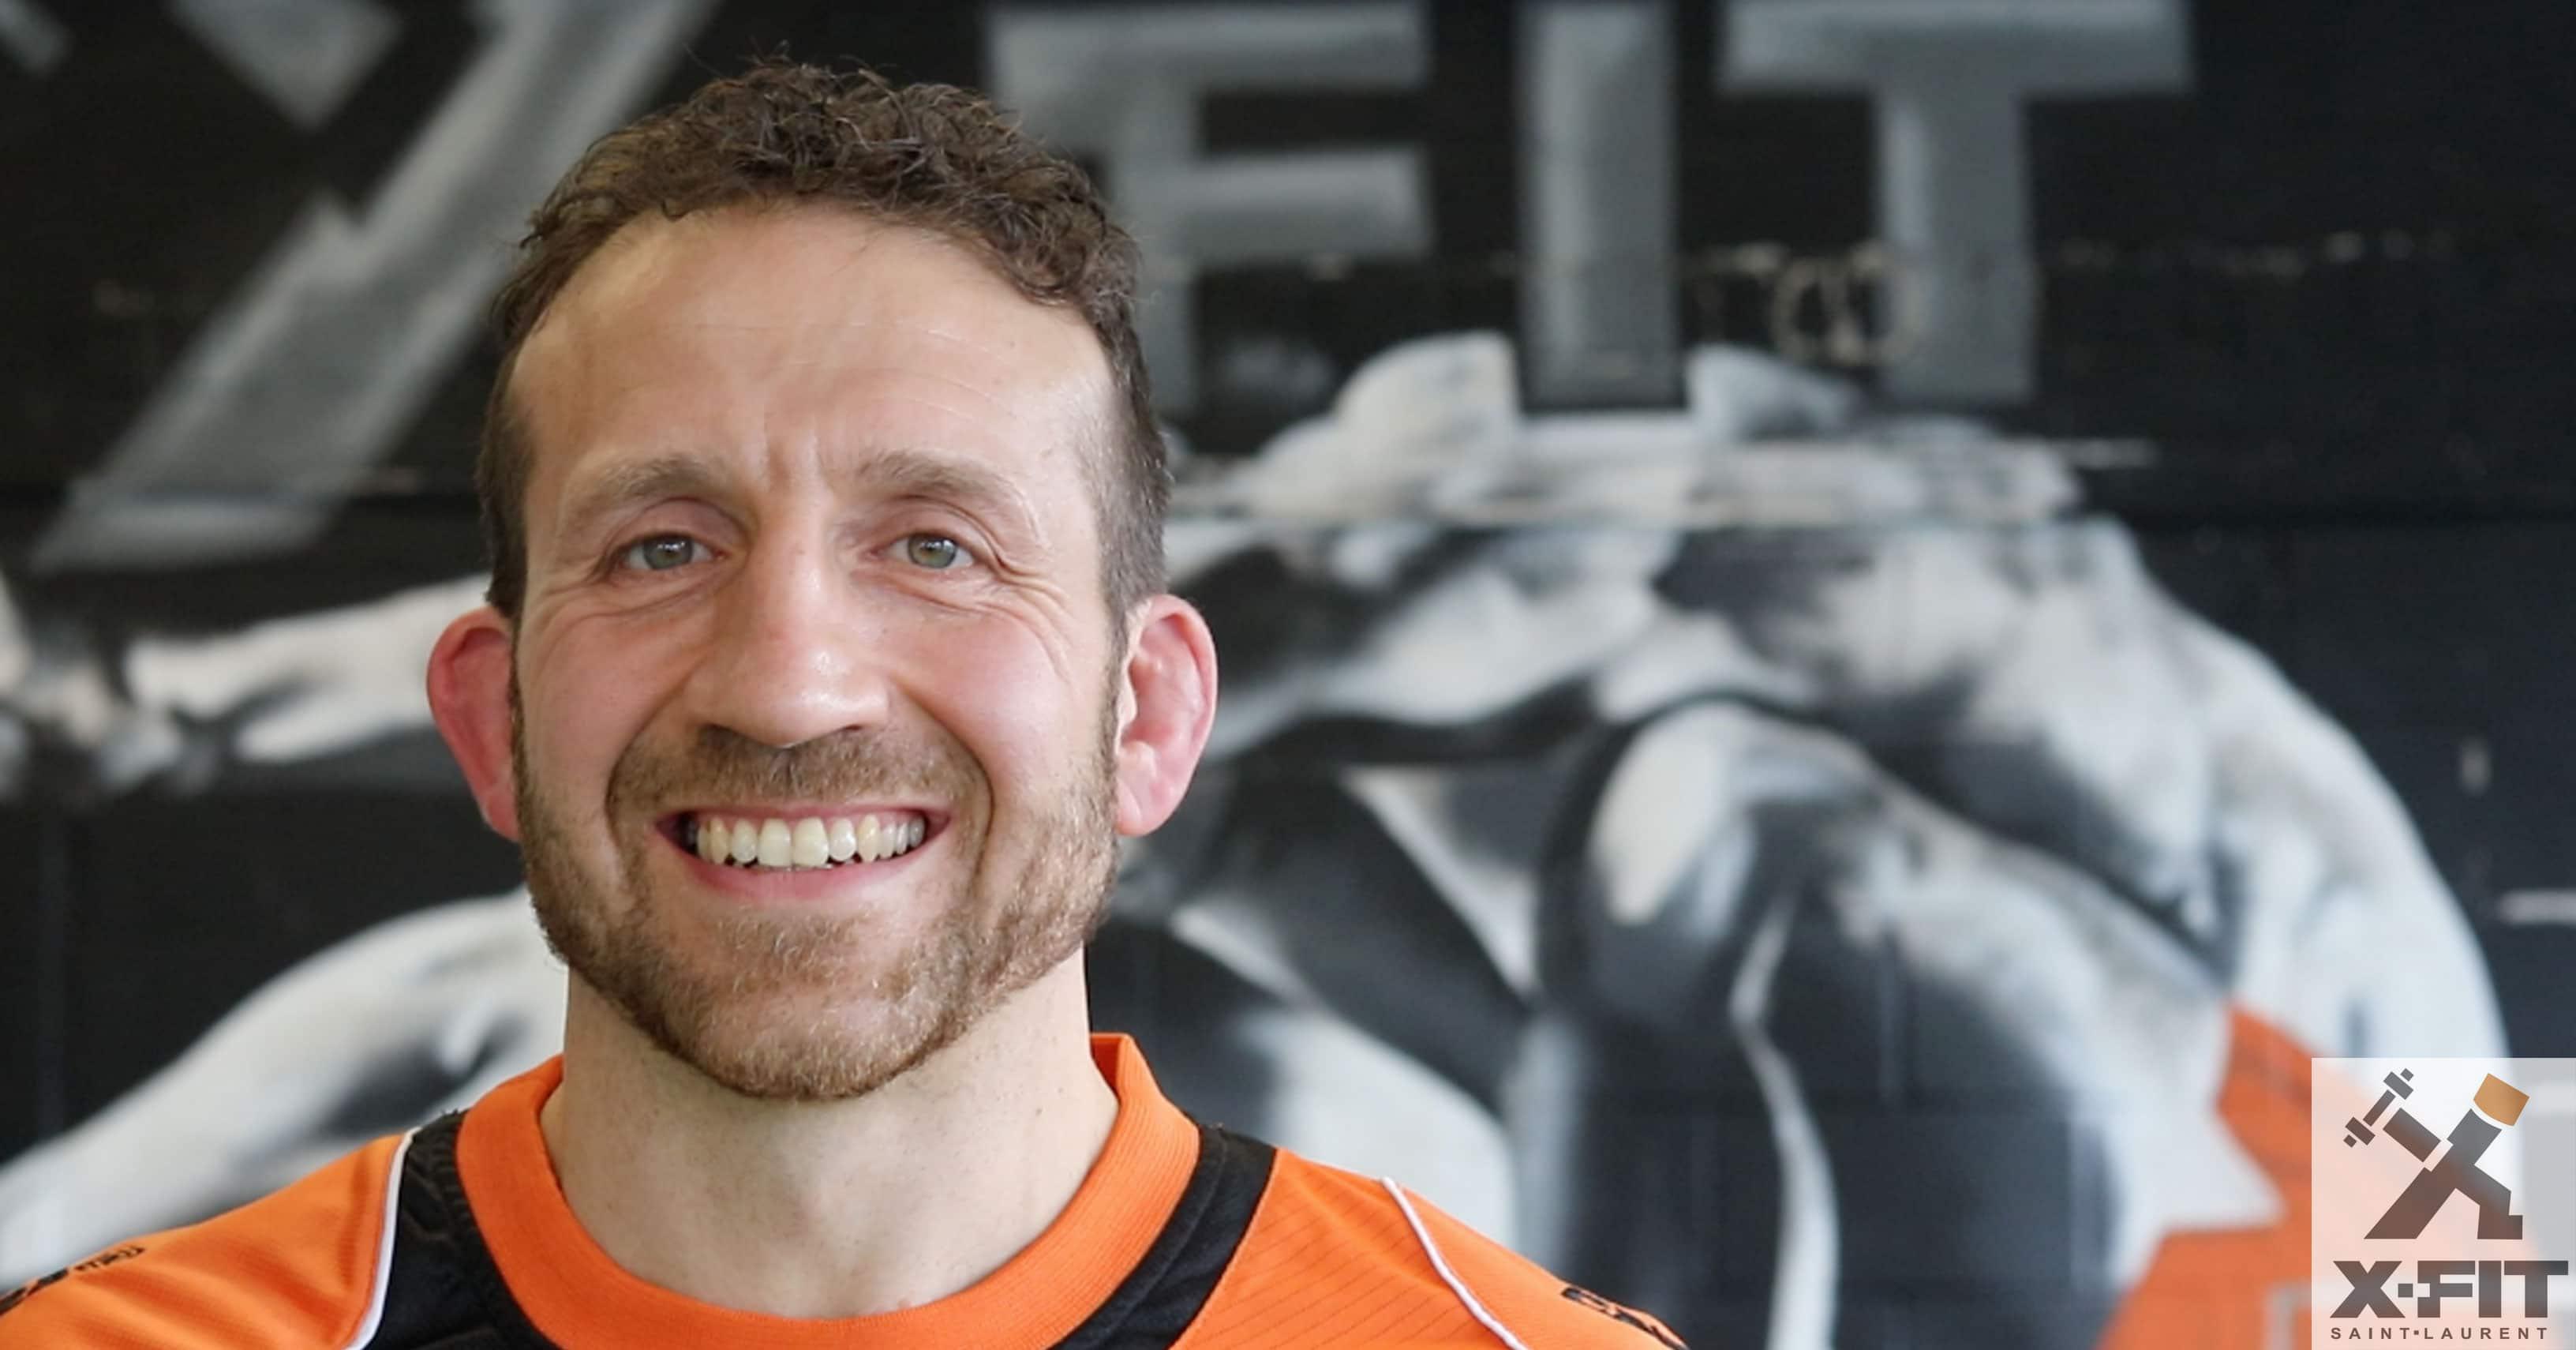 Derek Della Rocca personal trainer gym montreal X-fit